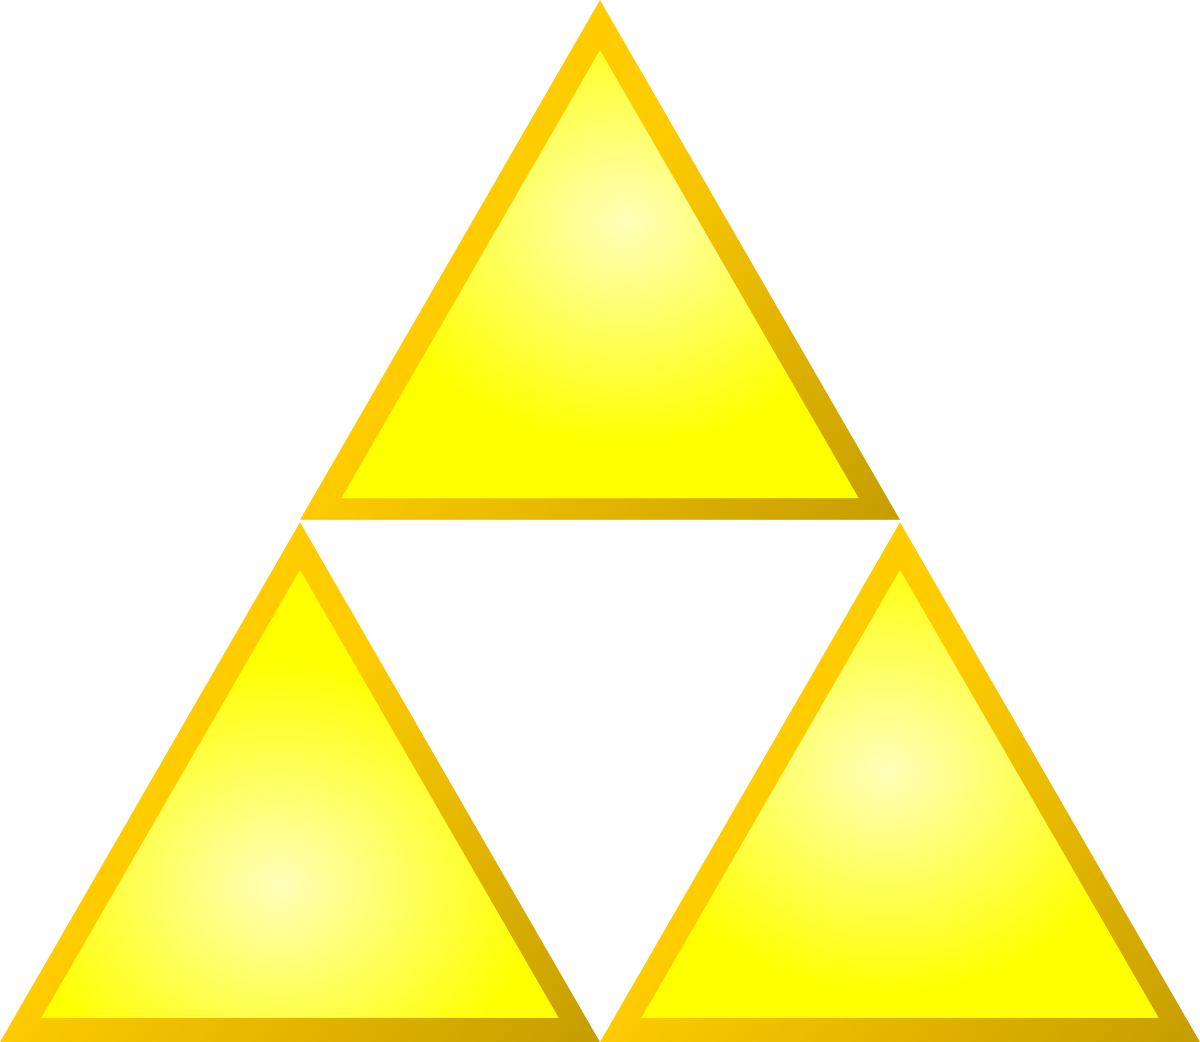 Triforce Wikipedia Zelda Skyward Legend Of Zelda Triforce